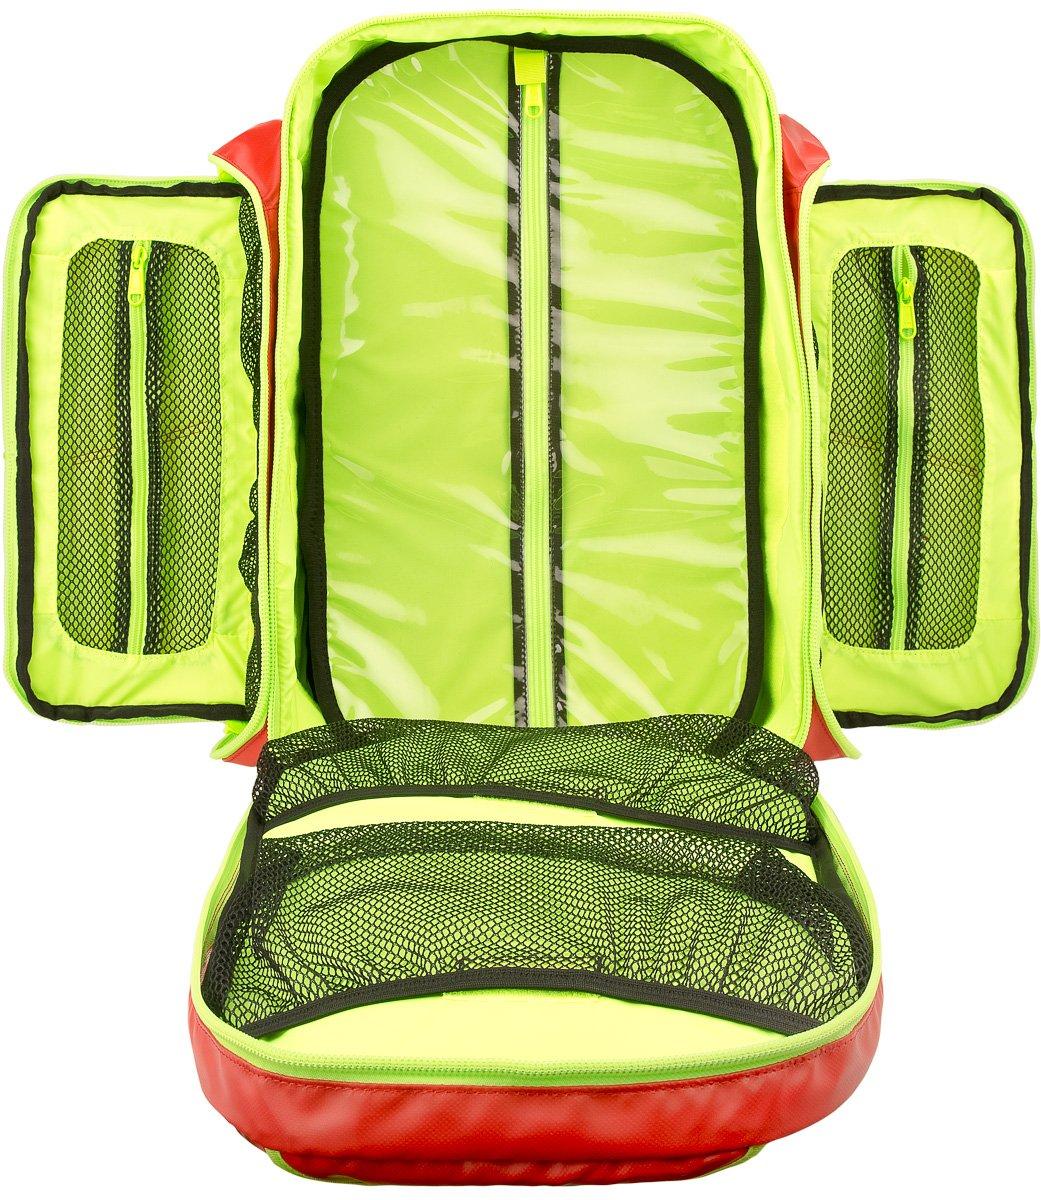 StatPacks G3 Load N' Go Medic Transport Backpack Red Bag 1/EA